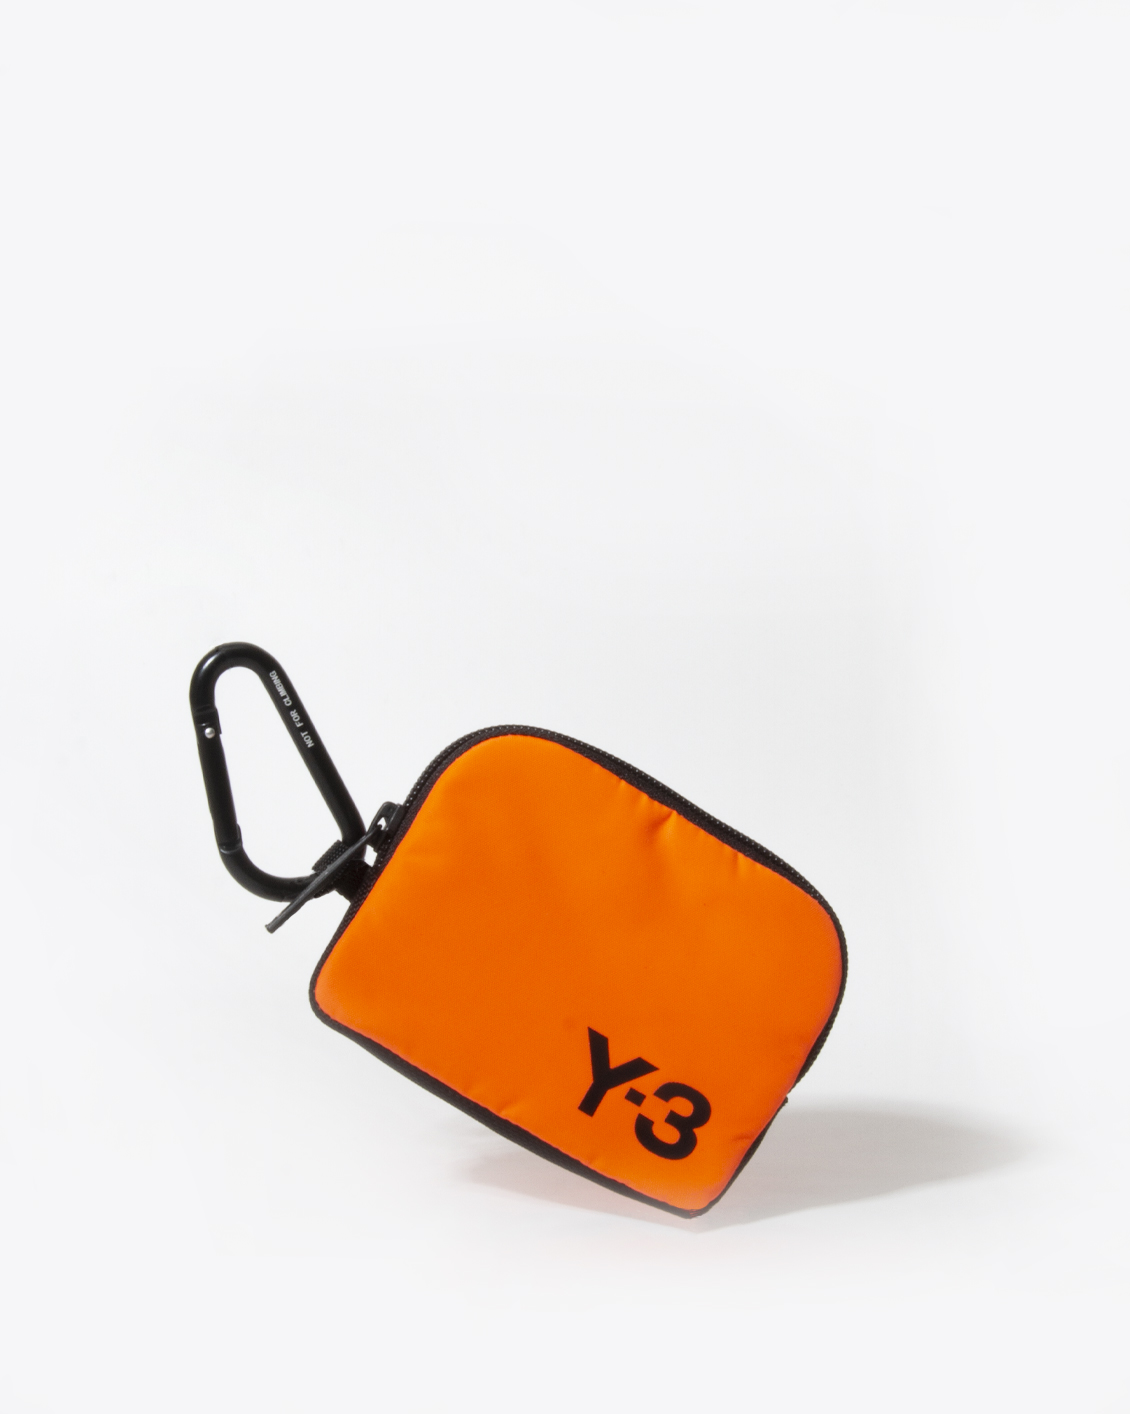 Original y3